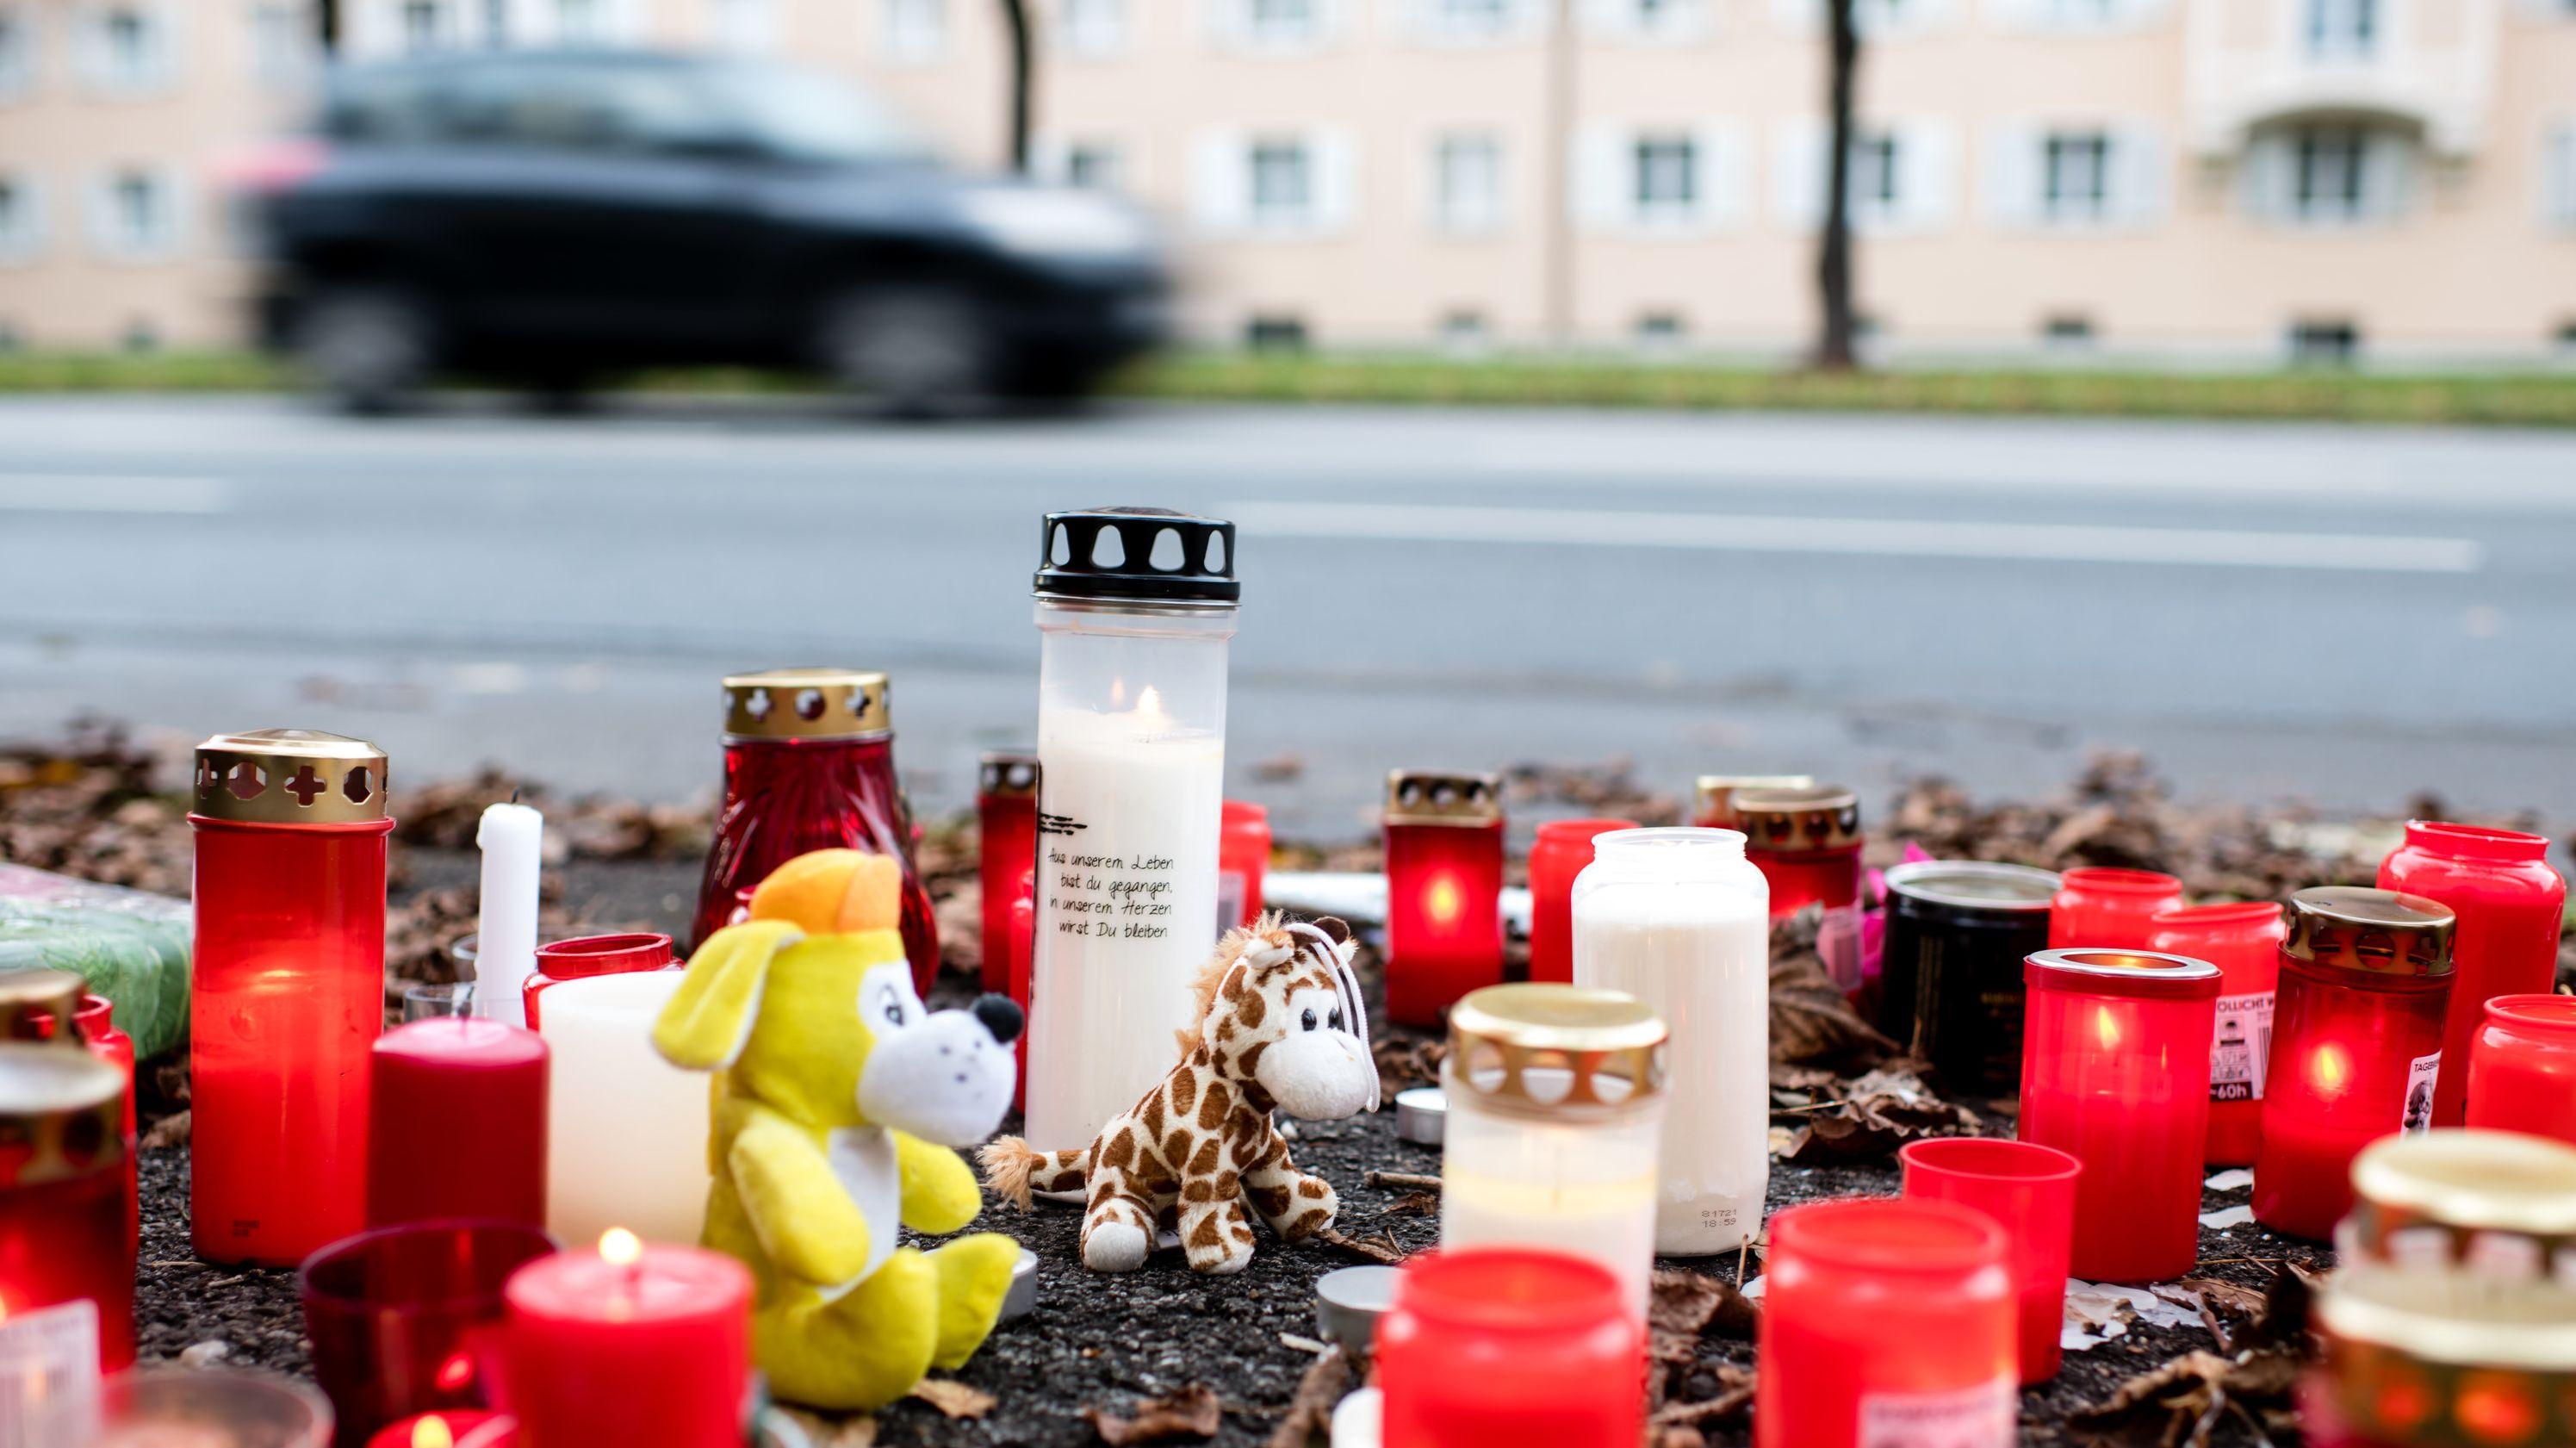 Kerzen und Blumen liegen an der Unfallstelle, an der am 15.11. ein 14-Jähriger zu Tode gekommen ist.